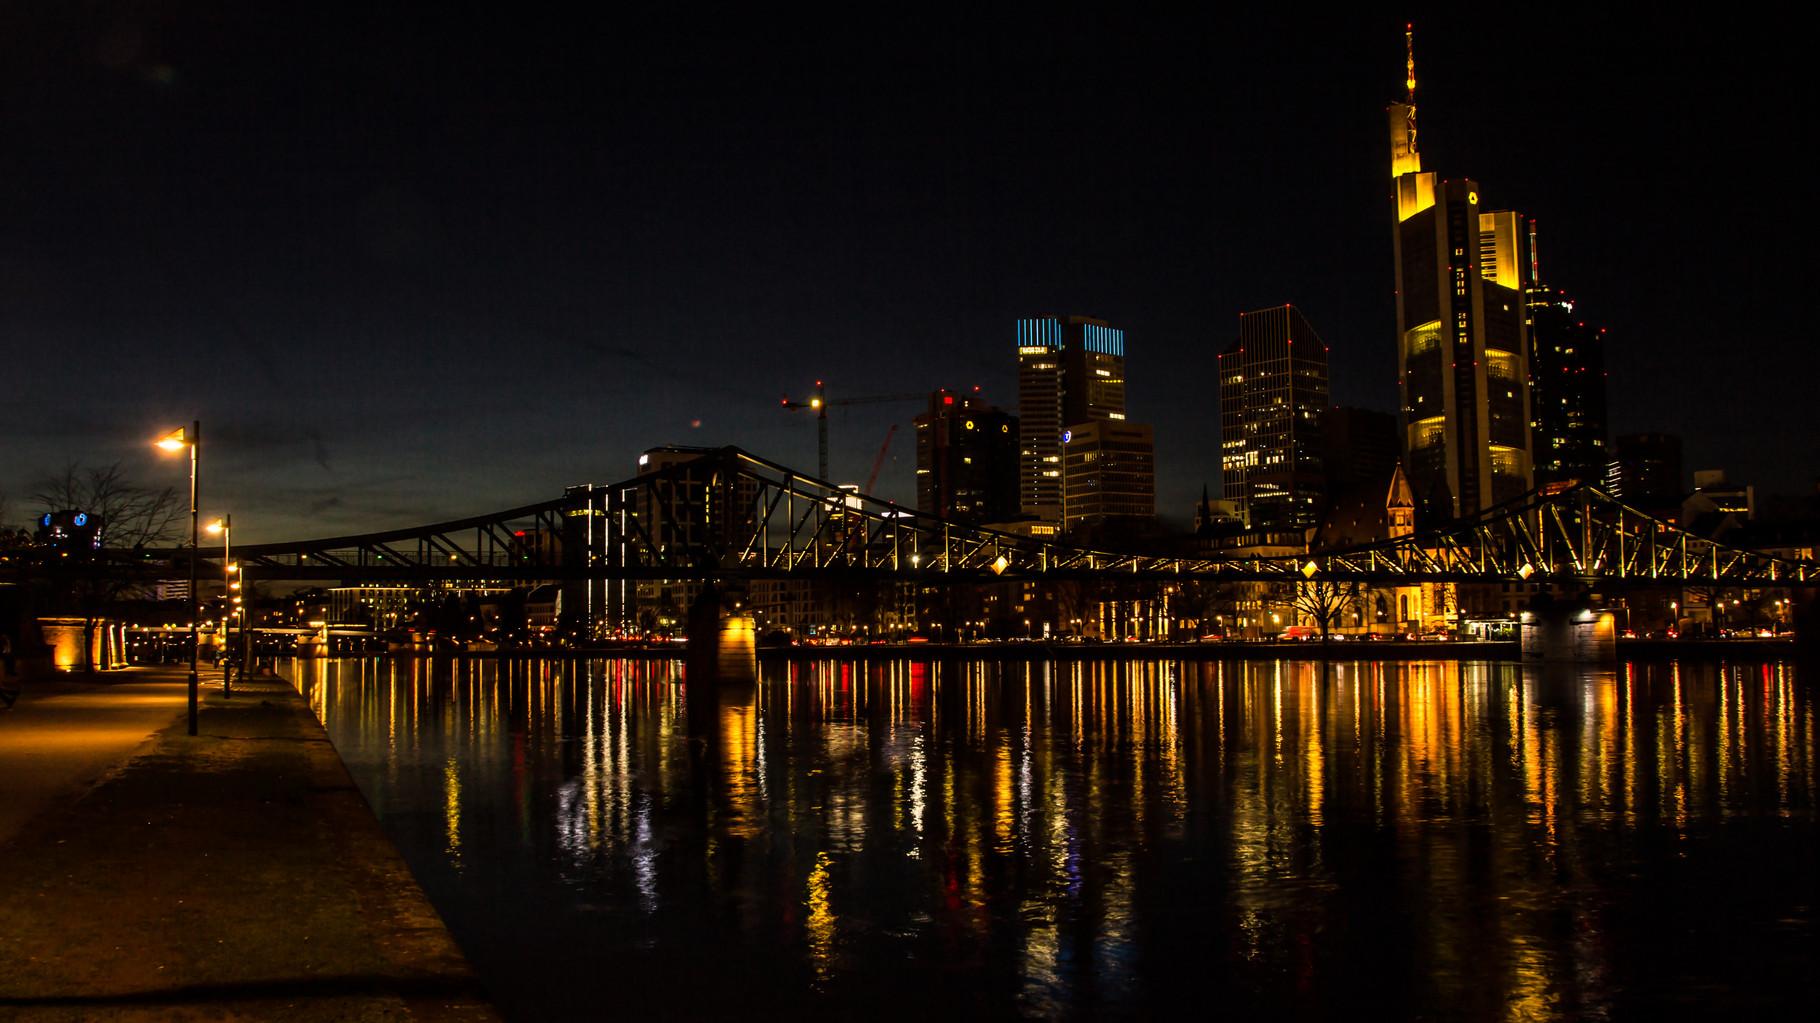 04_Frankfurt am Main - Blick über den Eisernen Steg auf die Skyline (16:9 Format)